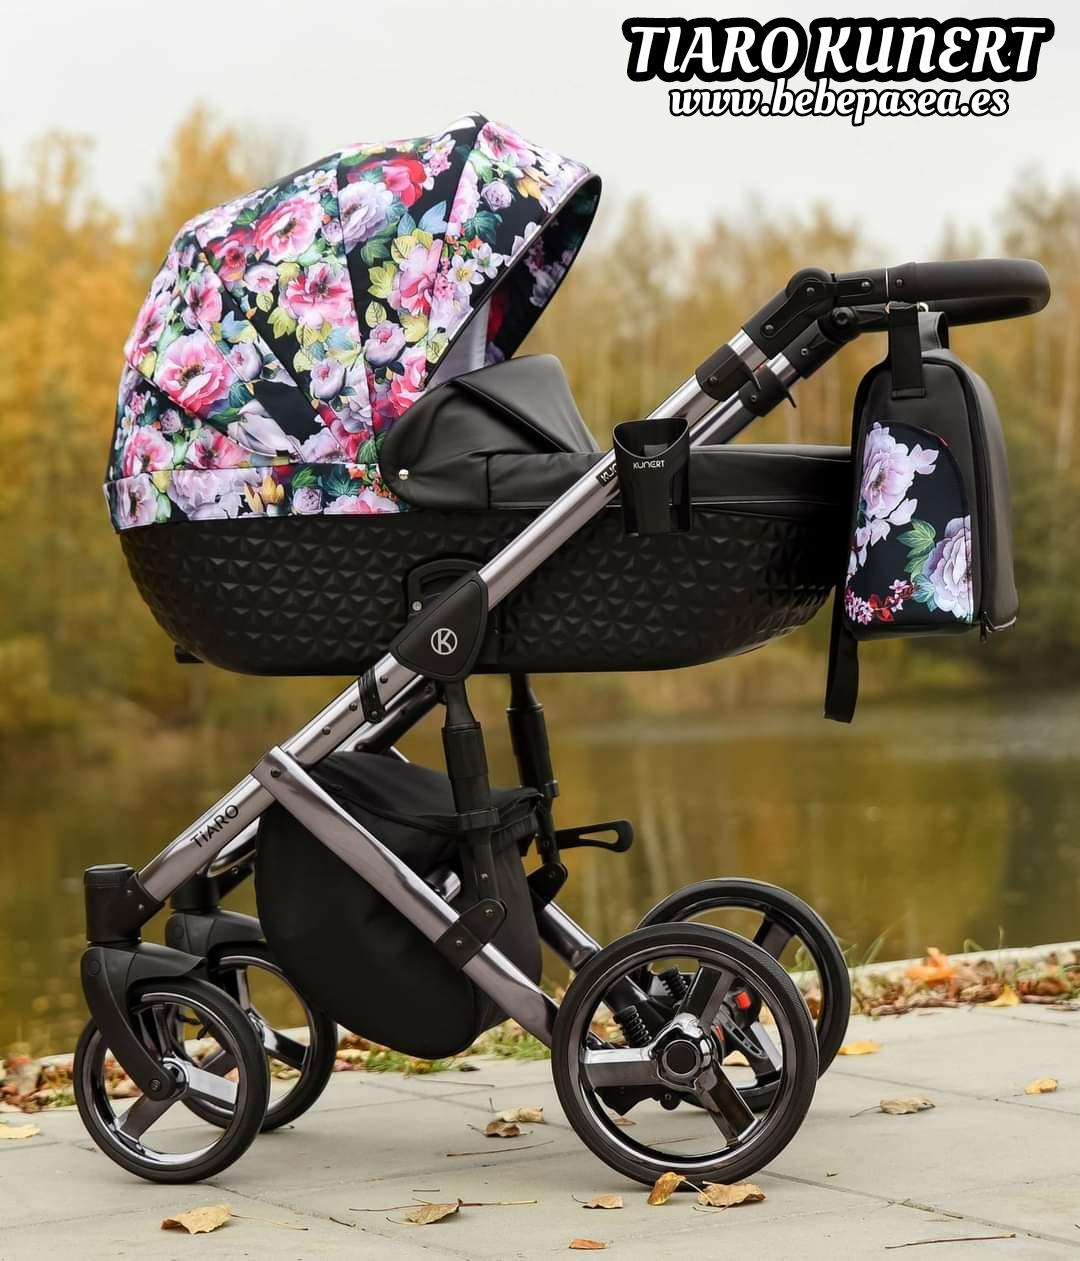 carrito de bebé TIARO KUNERT